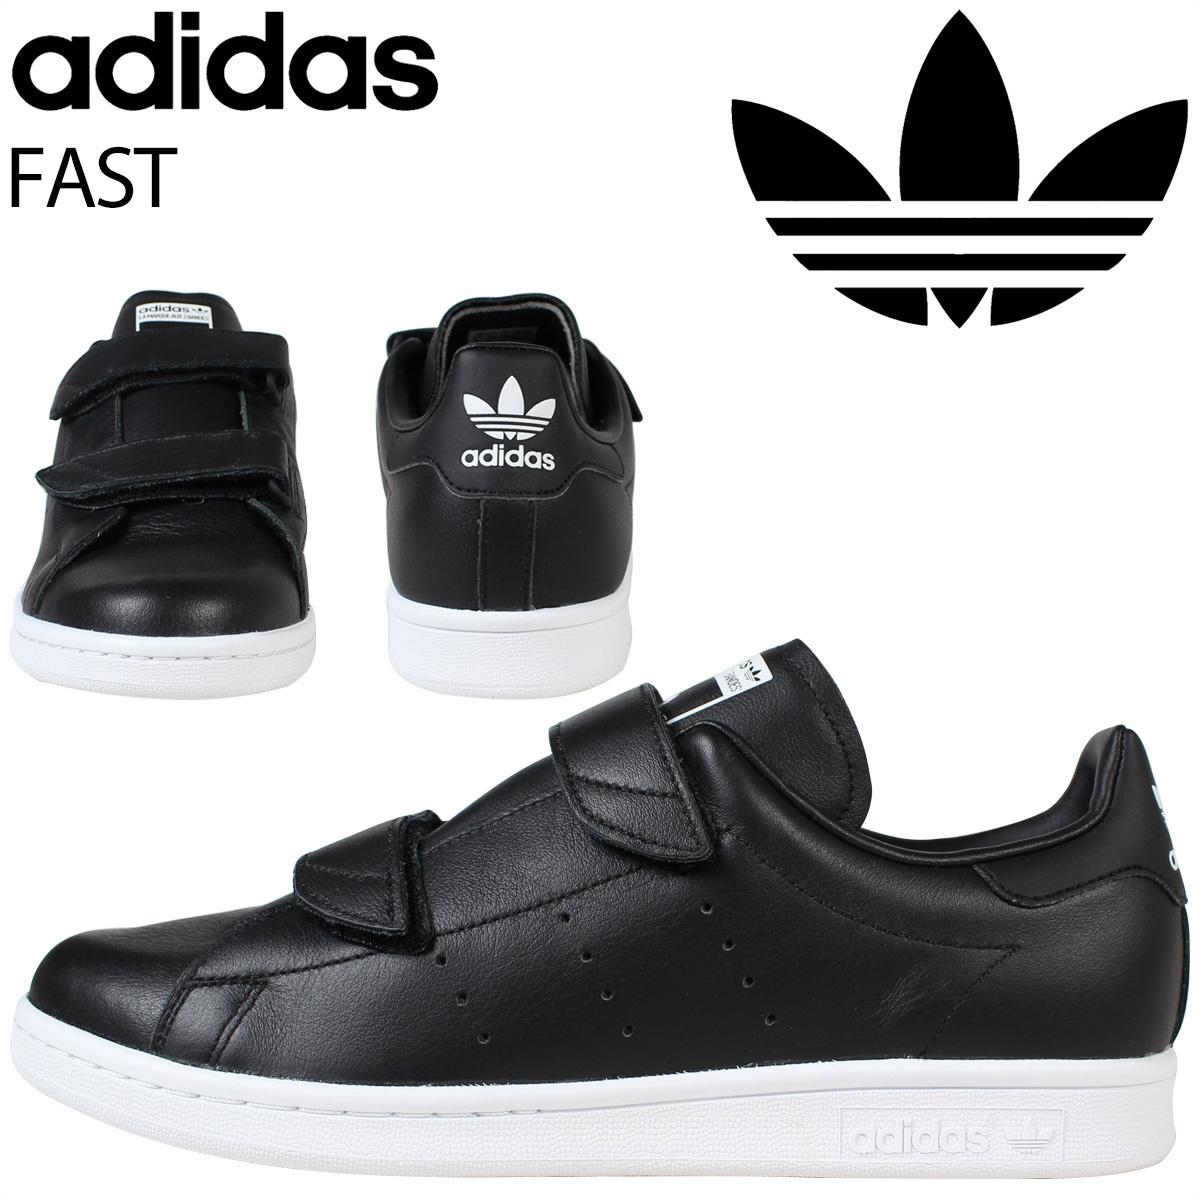 adidas Originals アディダス オリジナルス ファスト スニーカー FAST S80133 メンズ 靴 ブラック